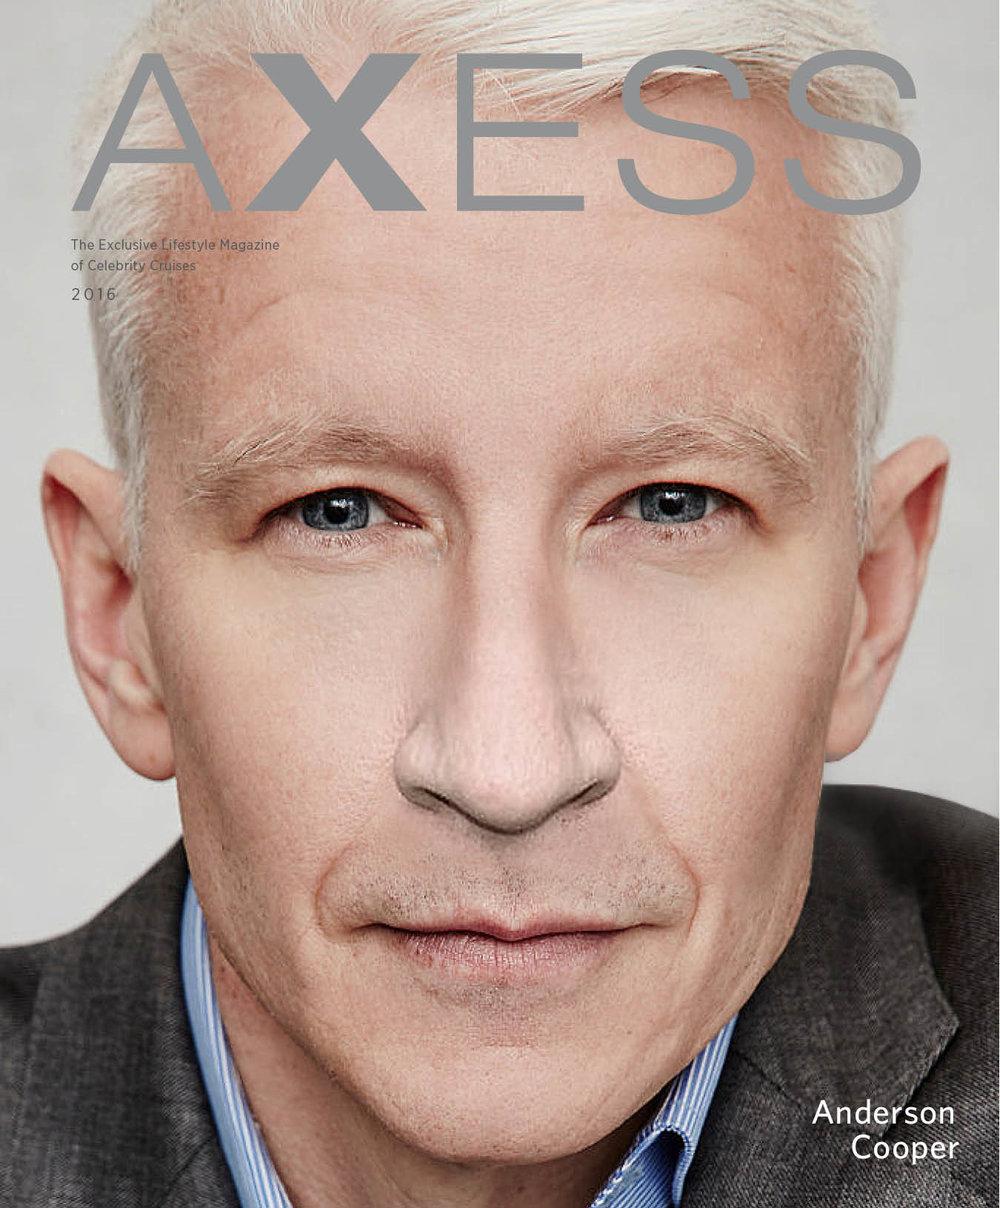 Cooper cover3.jpg